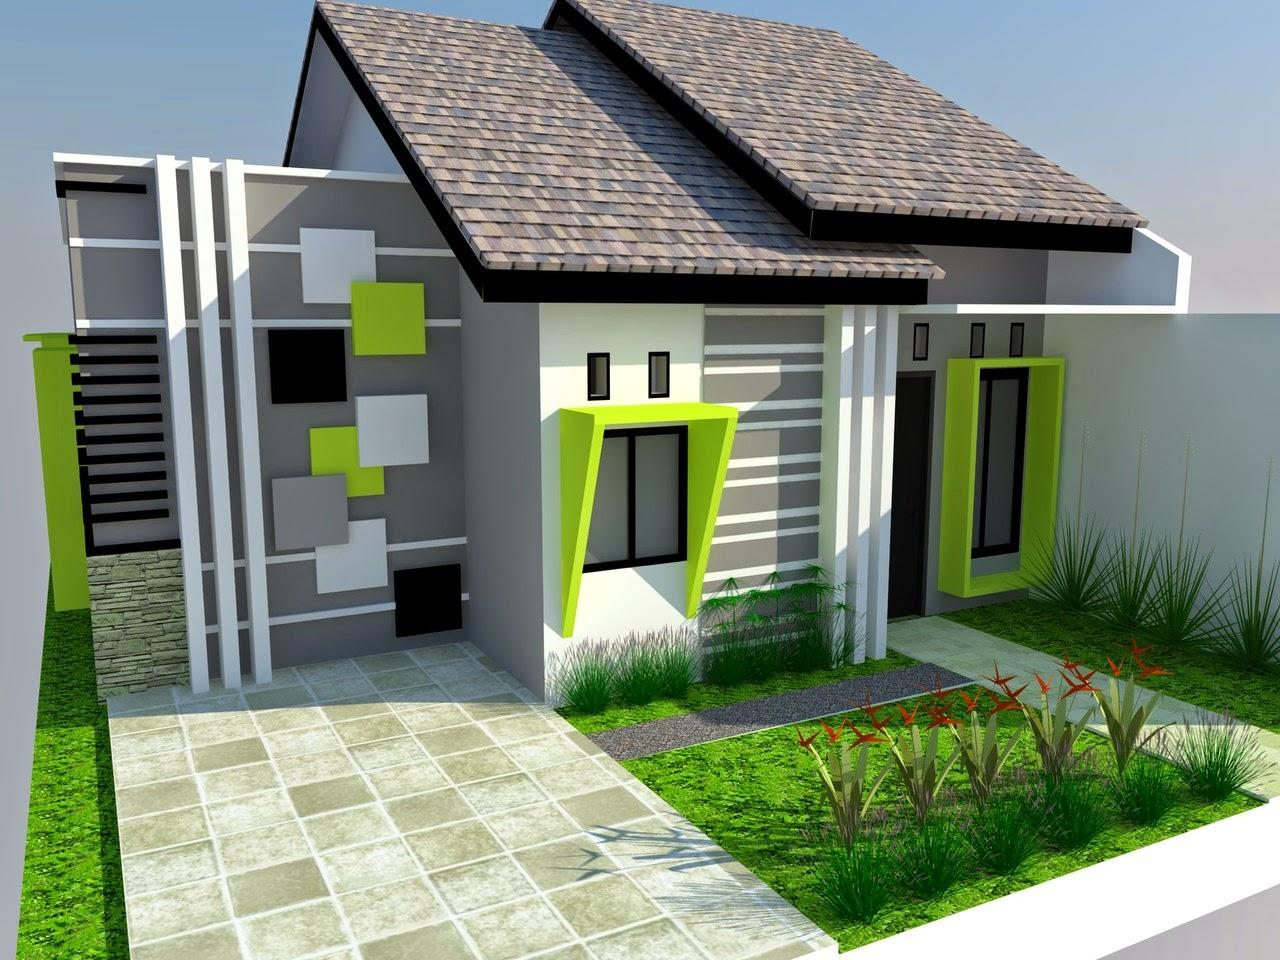 Desain Model Rumah Minimalis Sederhana